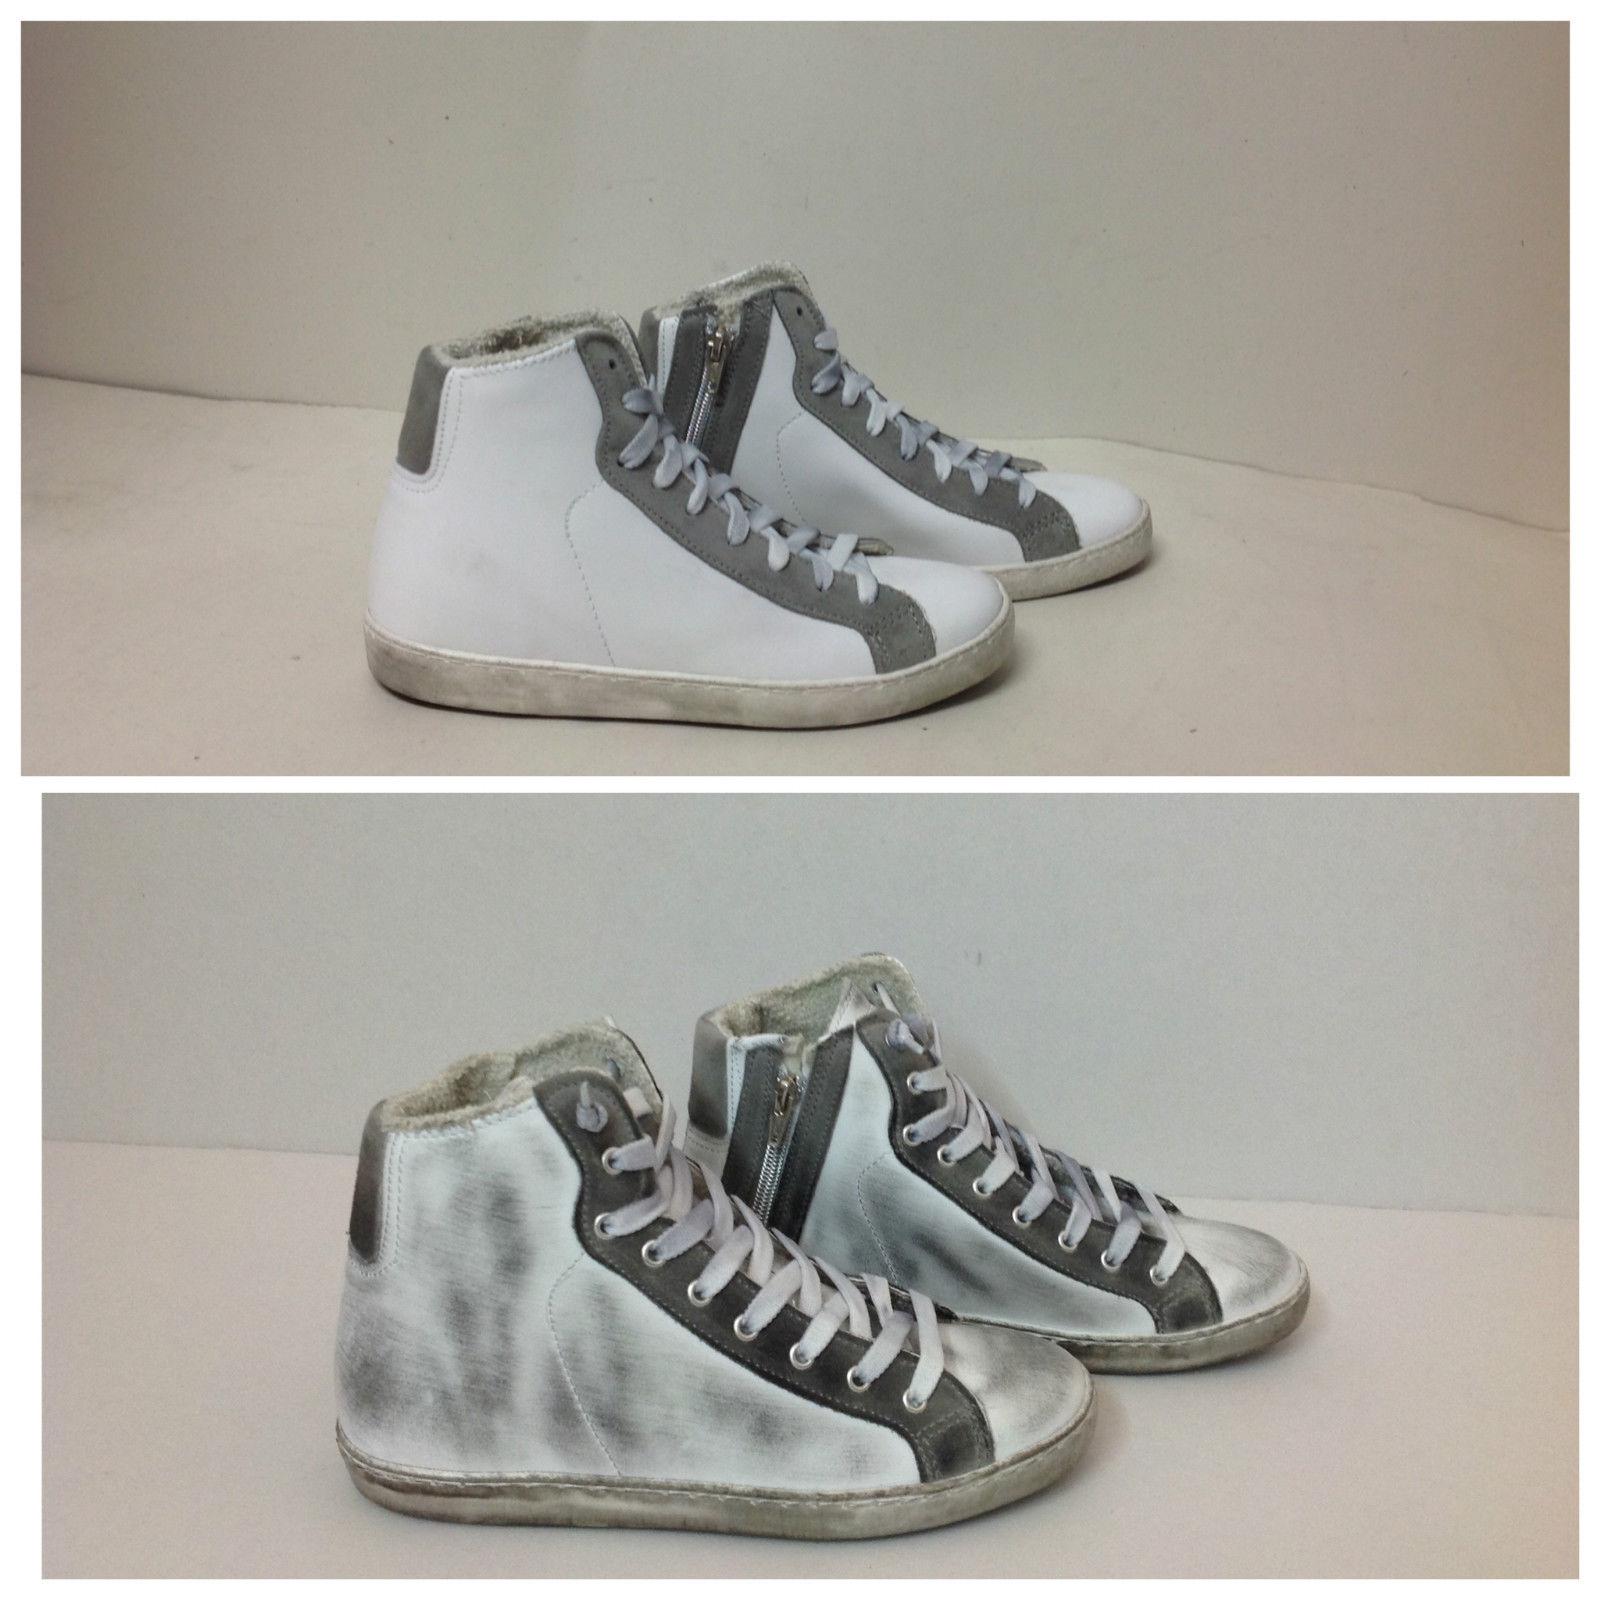 scarpe sneakers alte uomo pelle bianco grigio sfumato Via Co  708a79d146f